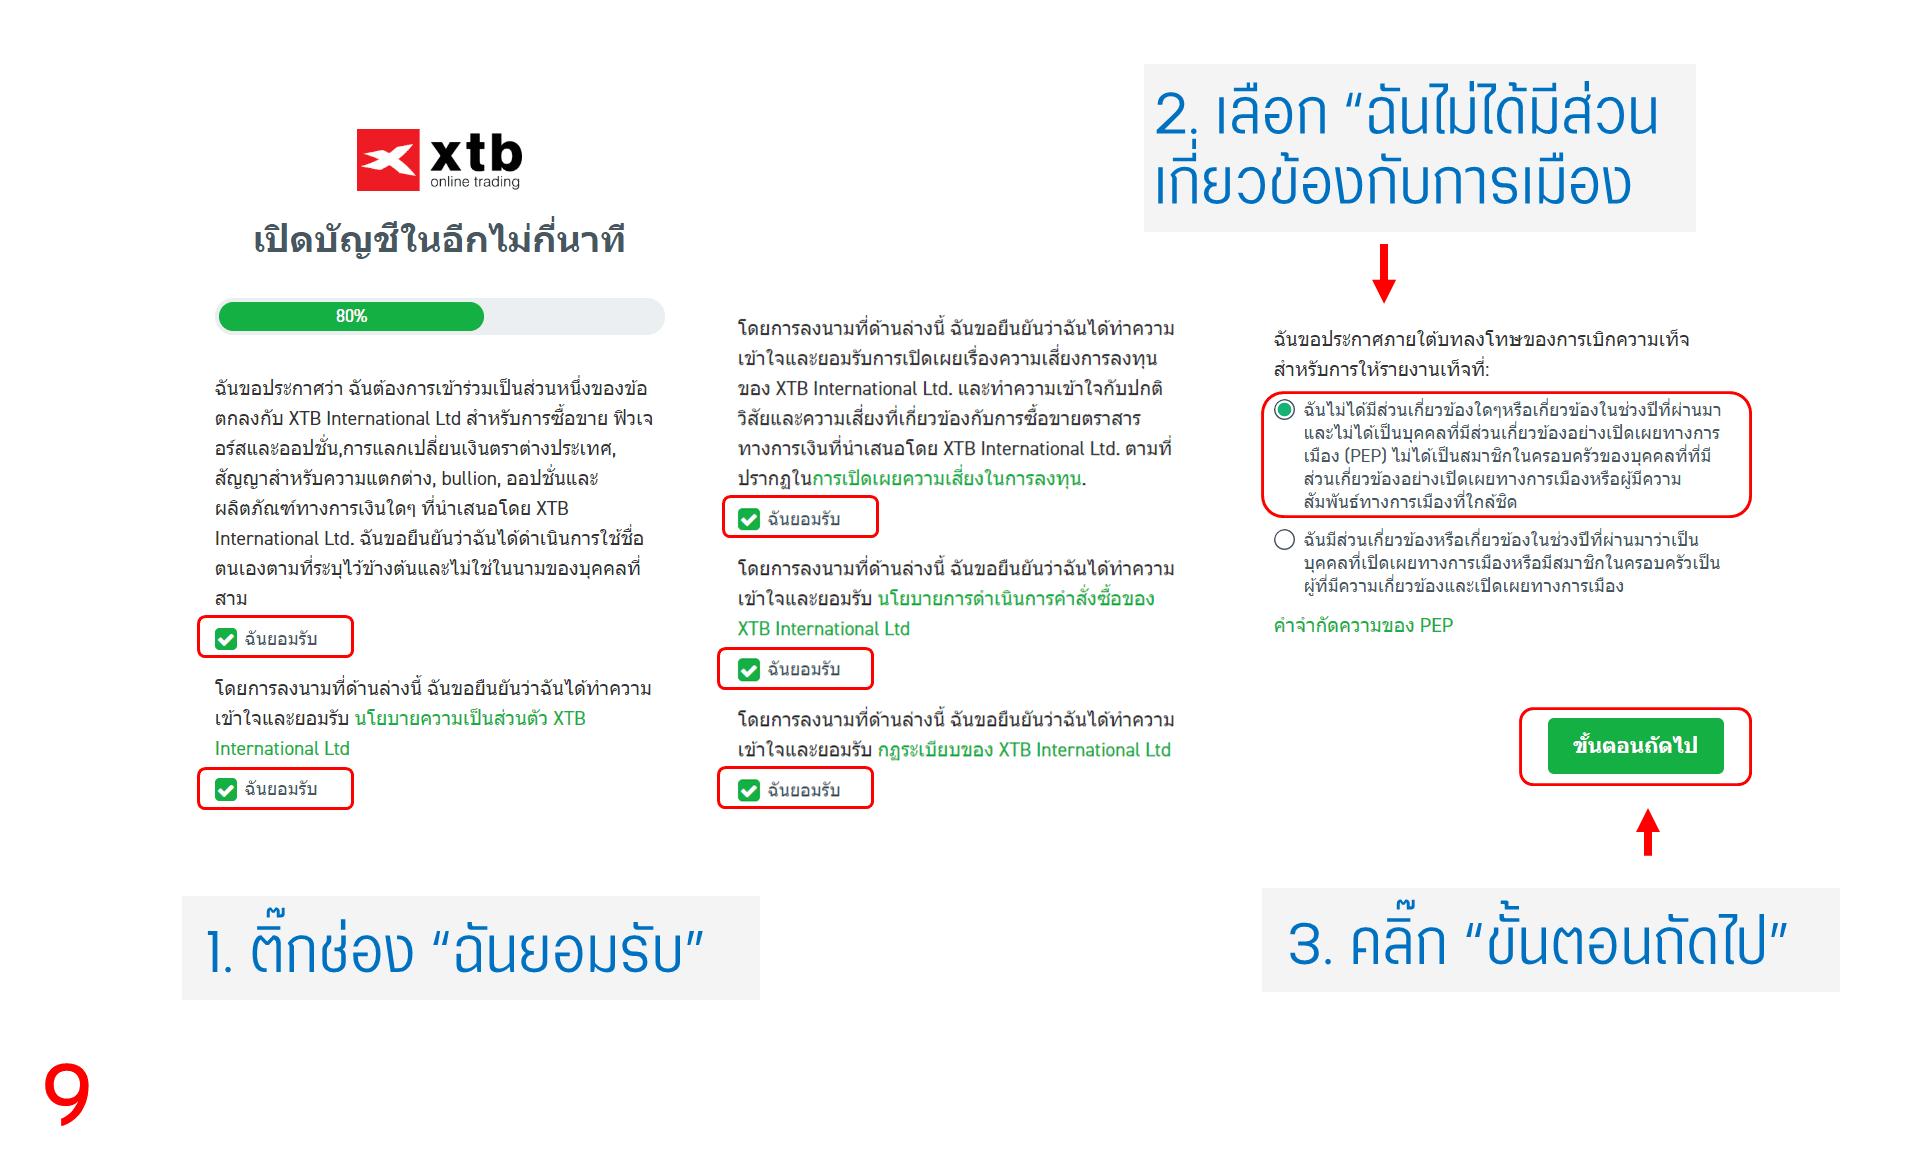 เปิดบัญชี XTB 10